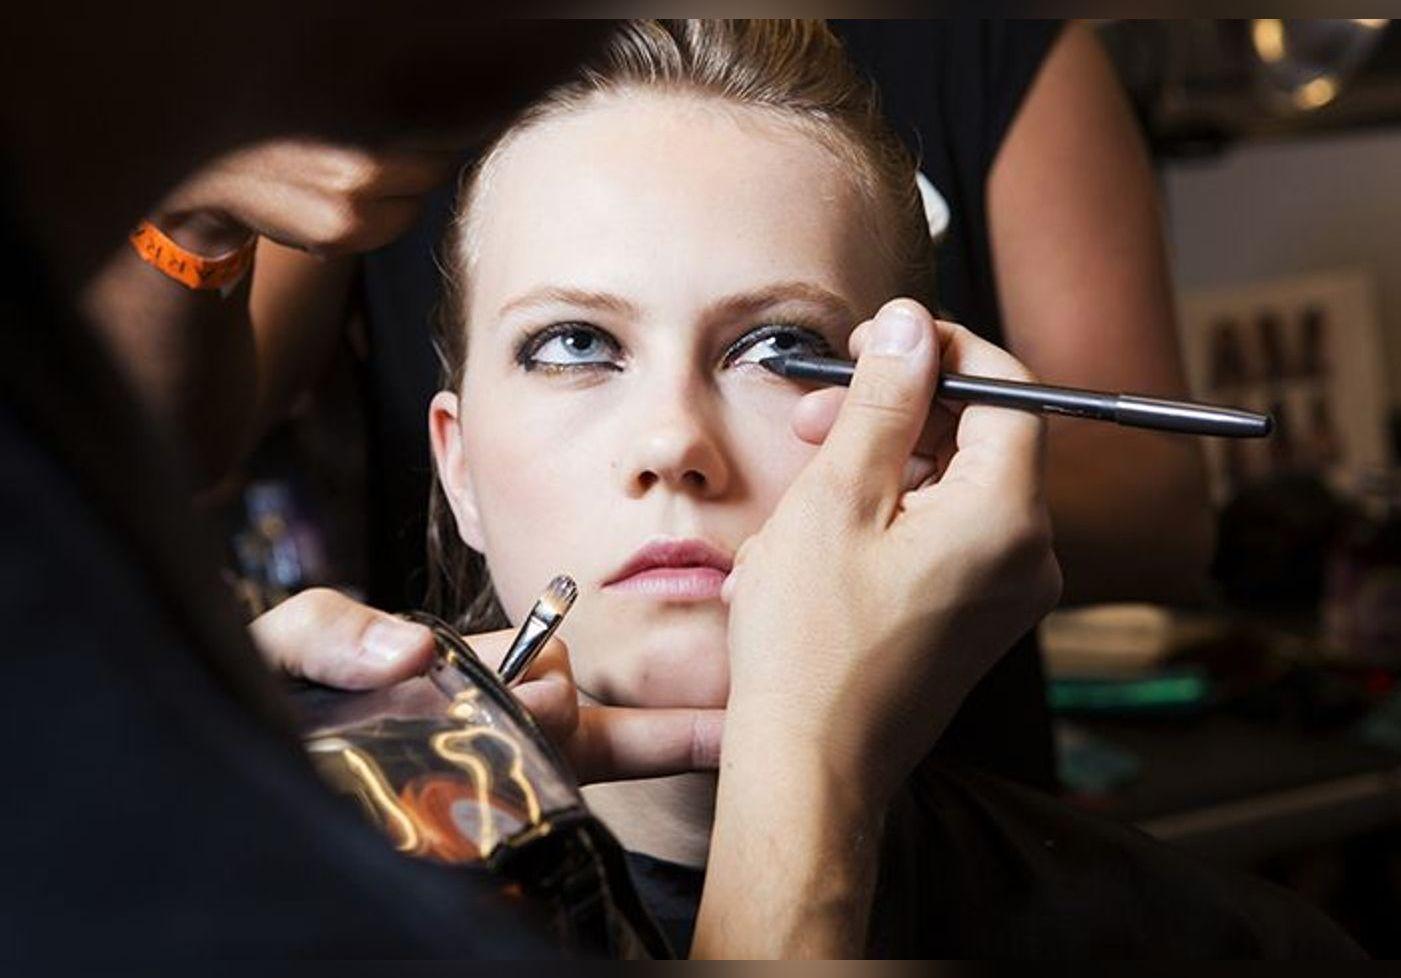 Cette façon d'appliquer l'eyeliner crée le buzz… Le reverse cat-eye est la tendance de l'été pour intensifier le regard